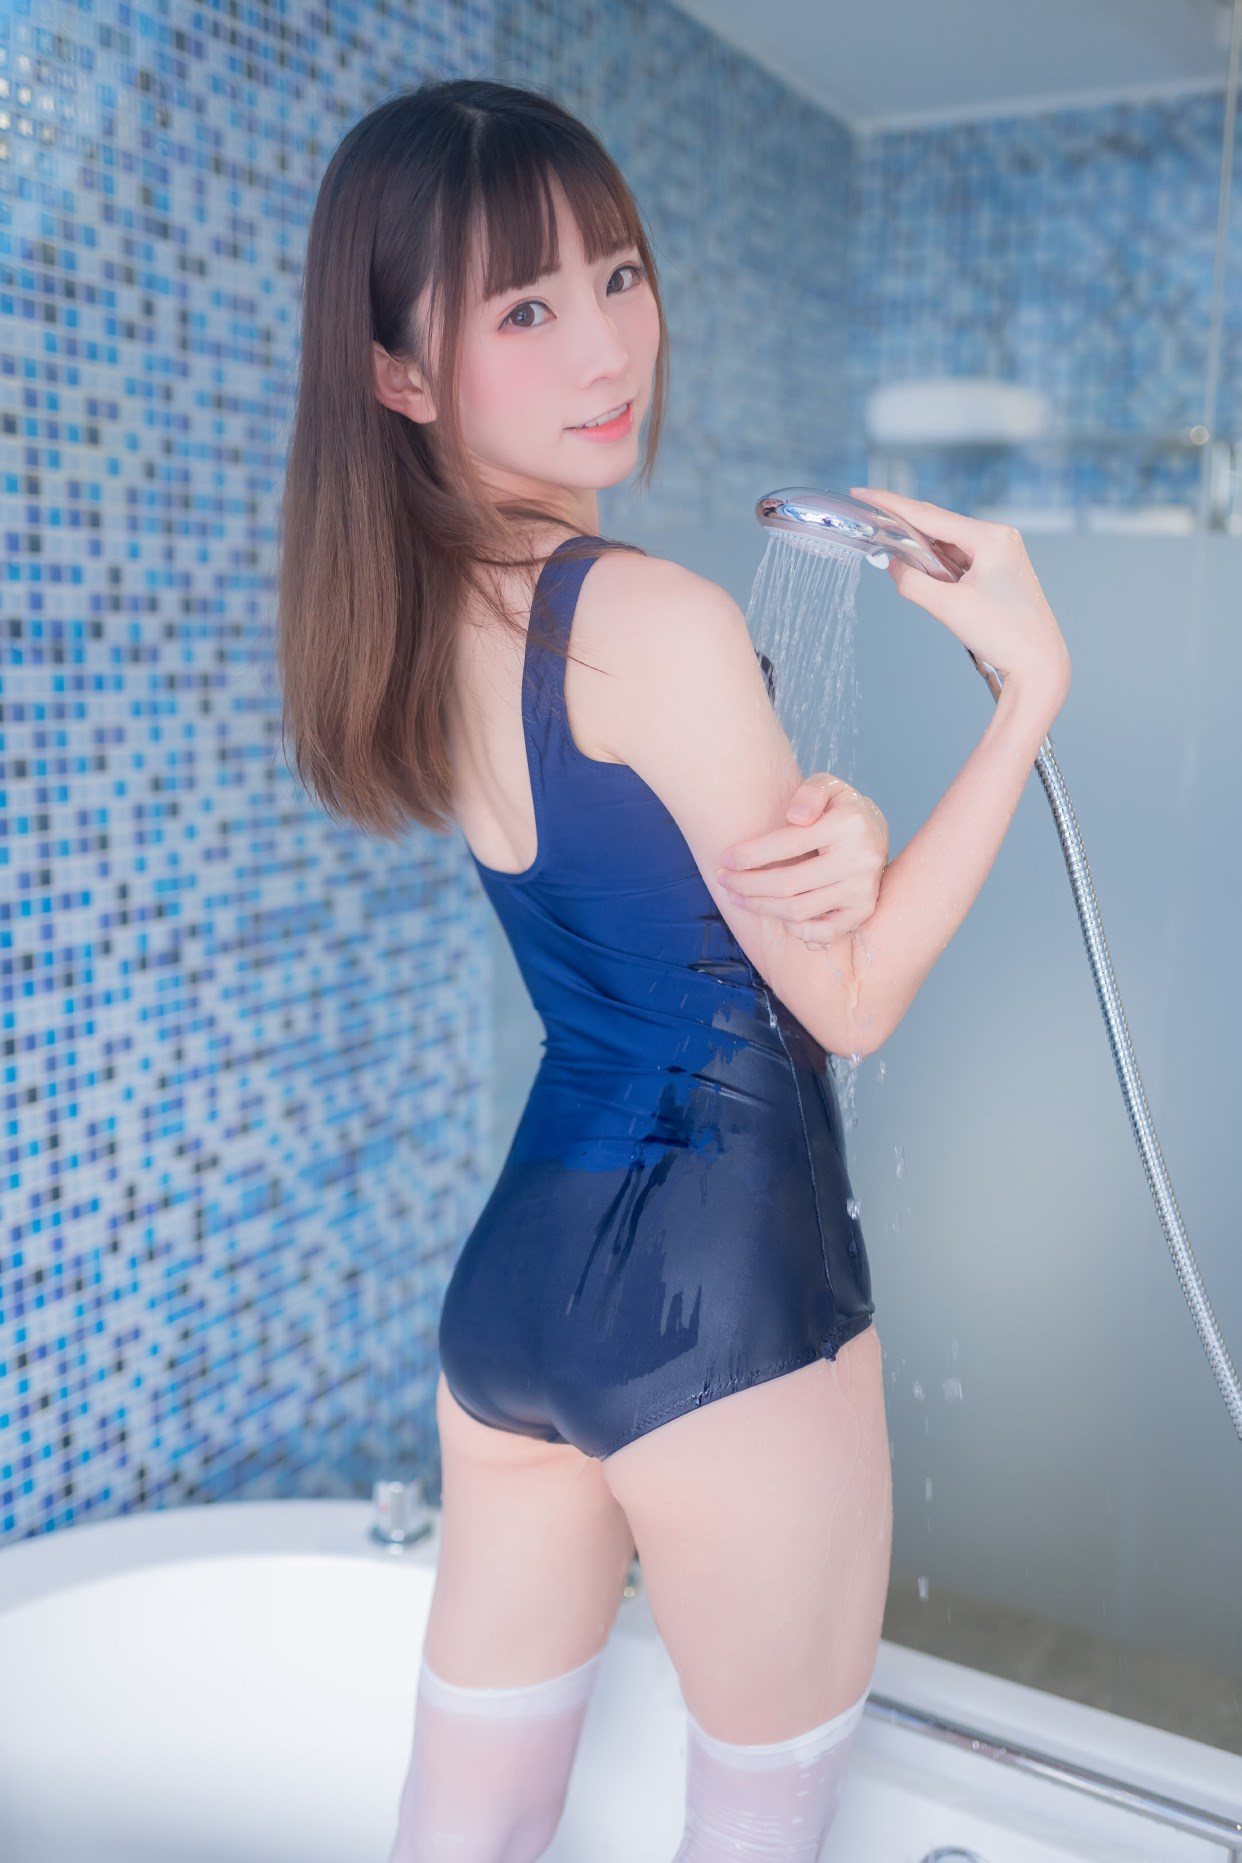 【兔玩映画】vol.18-浴室里 兔玩映画 第30张